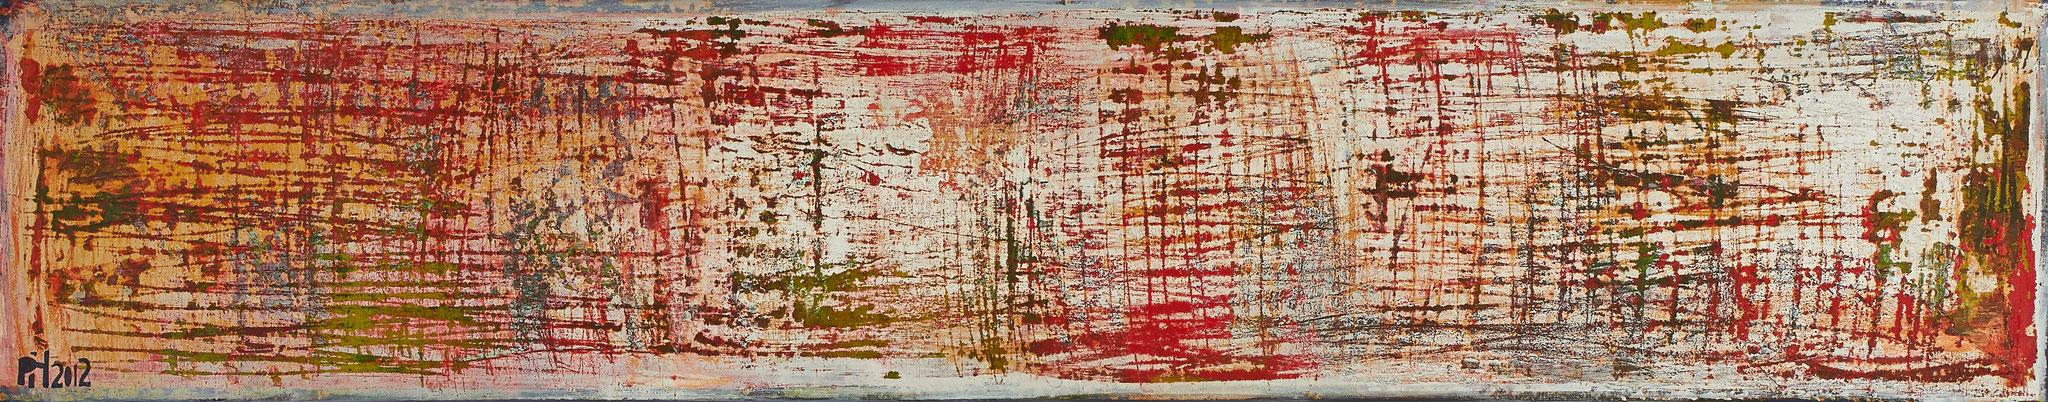 No. 23 - Mischtechnik Acryl auf Leinwand 150x30 cm (2012)